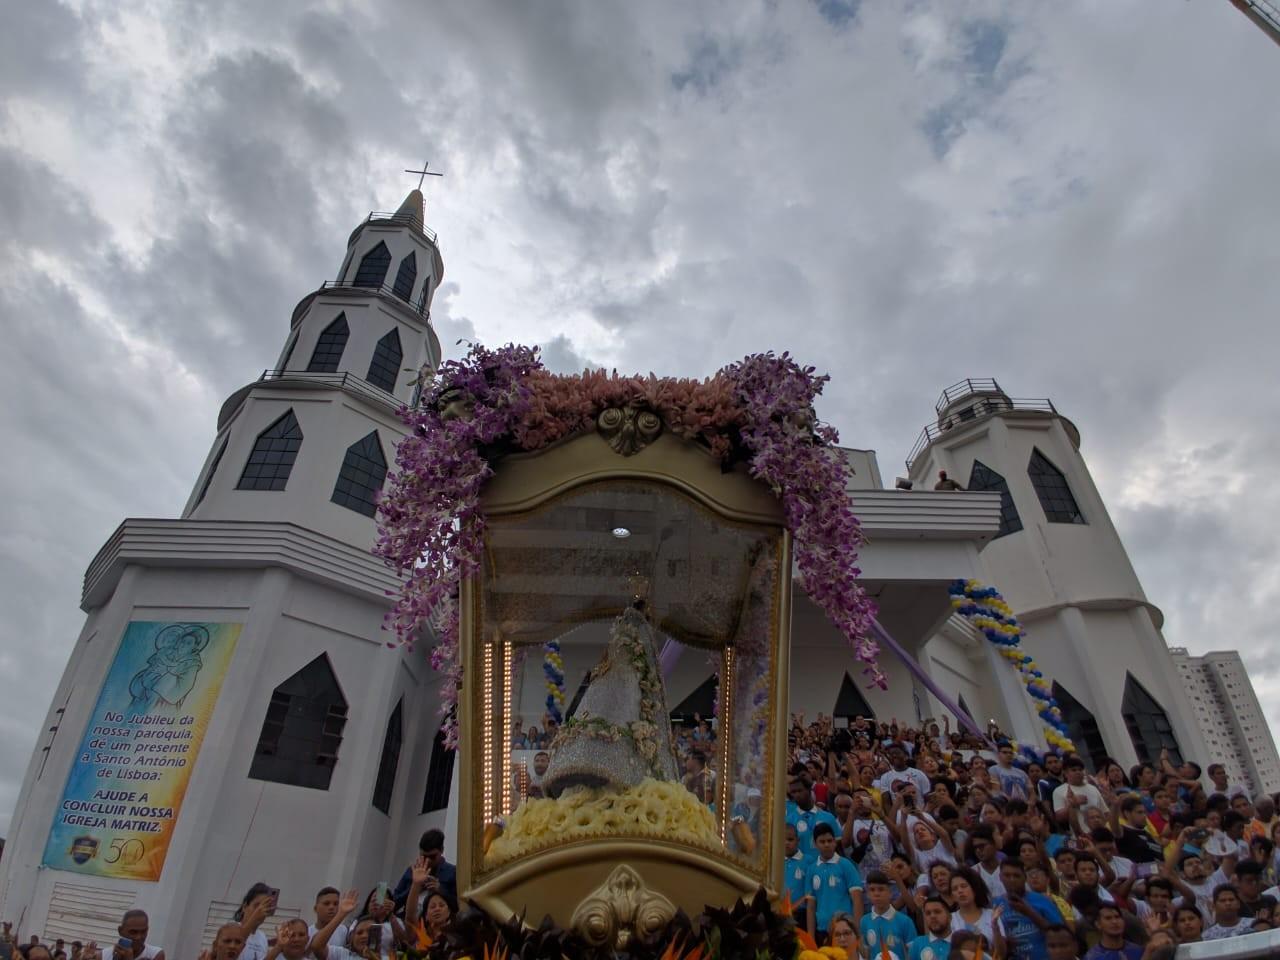 Milhares de devotos percorrem as ruas de Belém na Romaria da Juventude  - Notícias - Plantão Diário